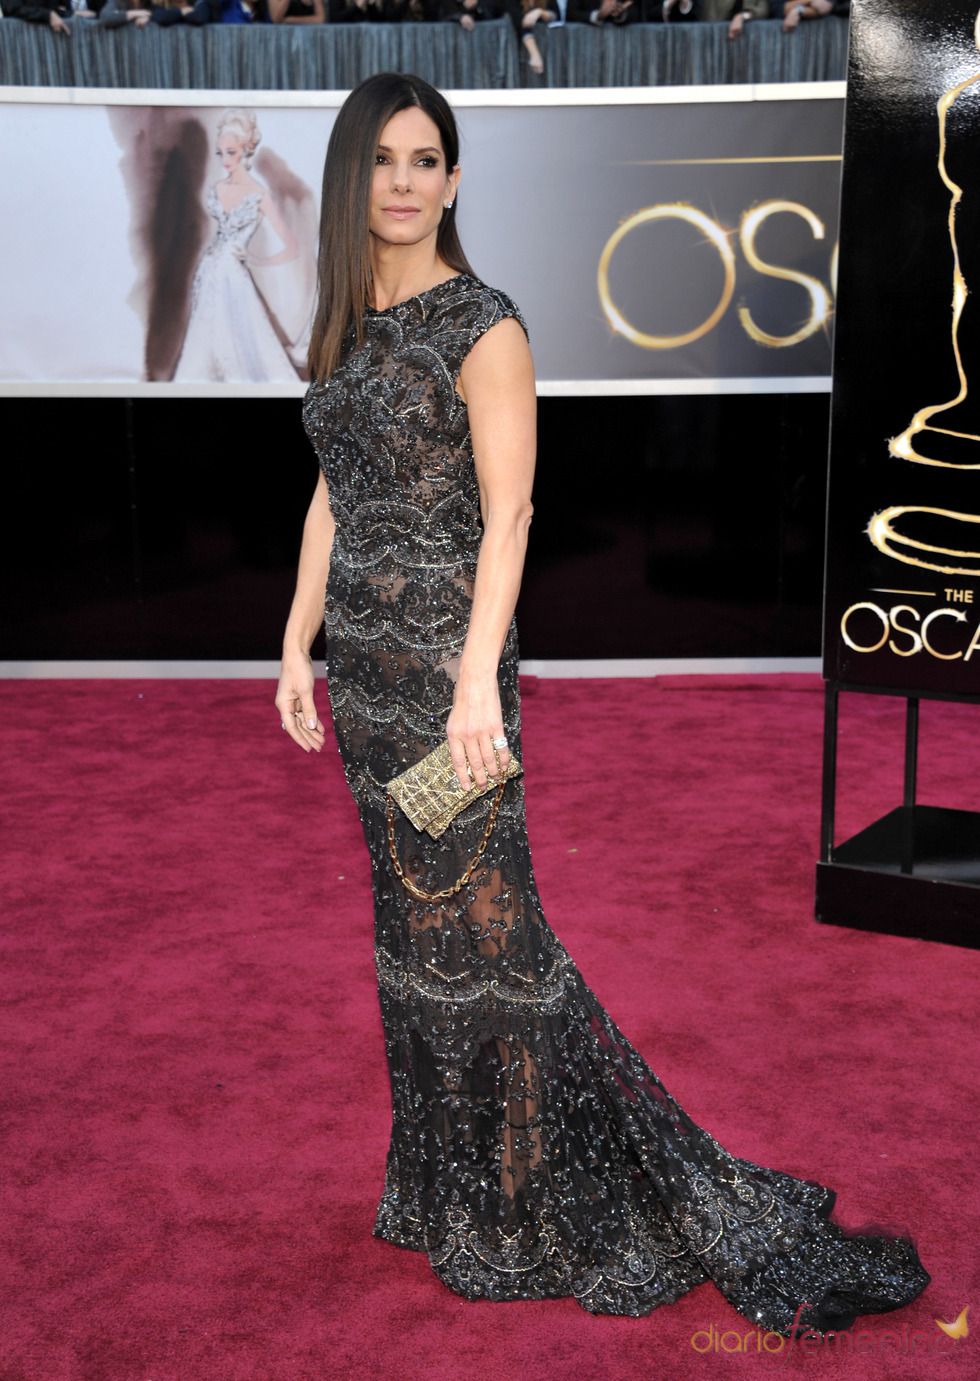 La actriz Sandra Bullock en la alfombra roja de los Oscars 2013